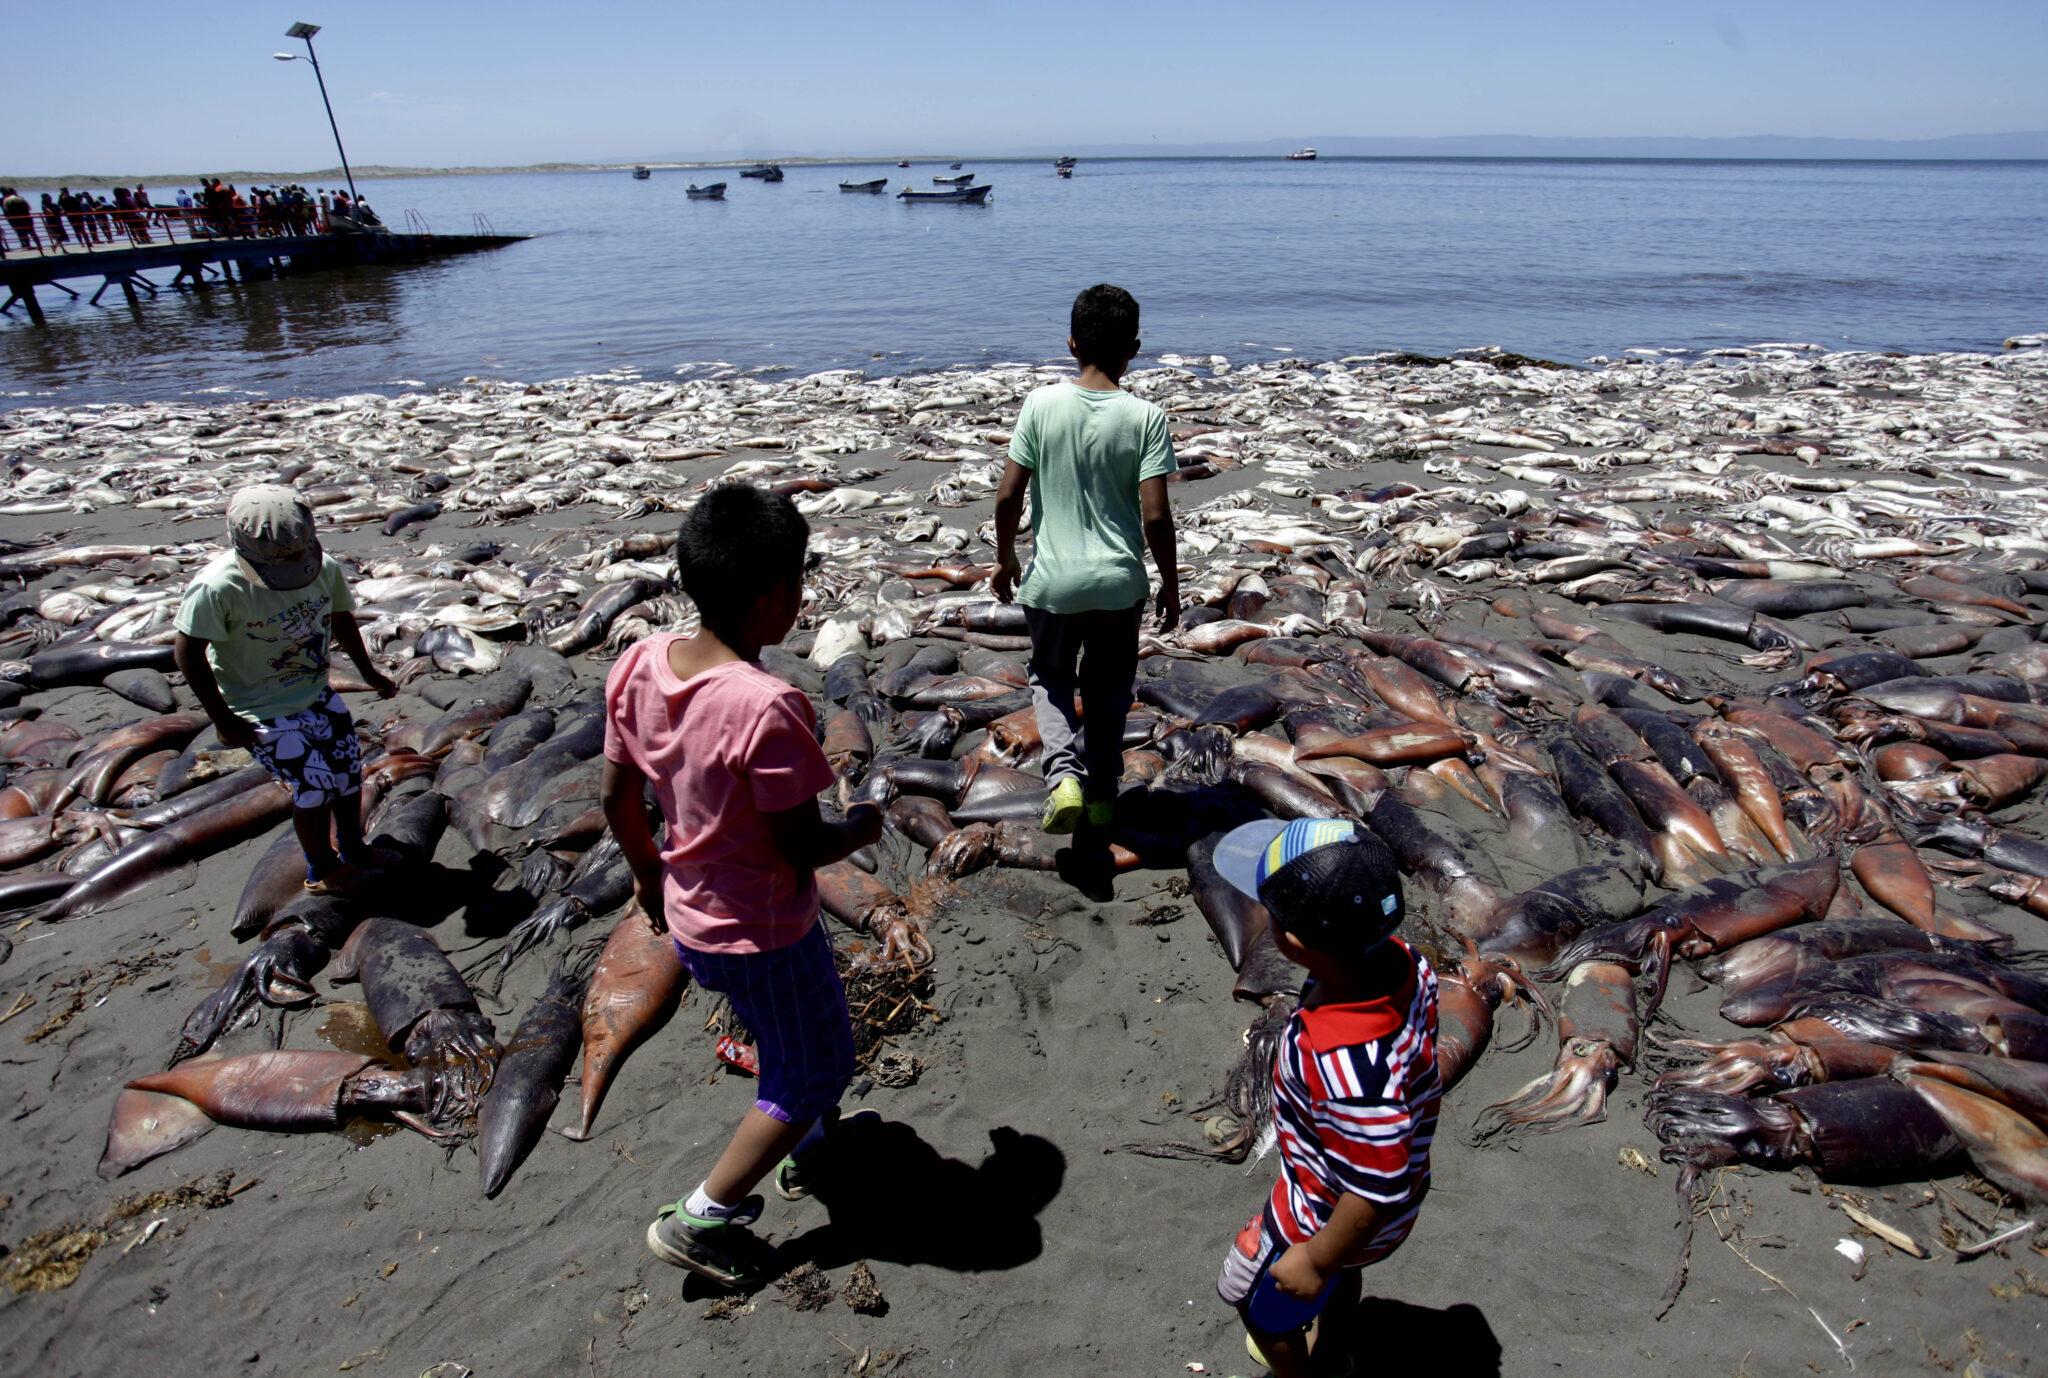 A UNO 627227 288x180 - Crisis Sanitaria en Isla Santa María: devastadoras imágenes de hambruna que ha dejado más de 100 animales muertos